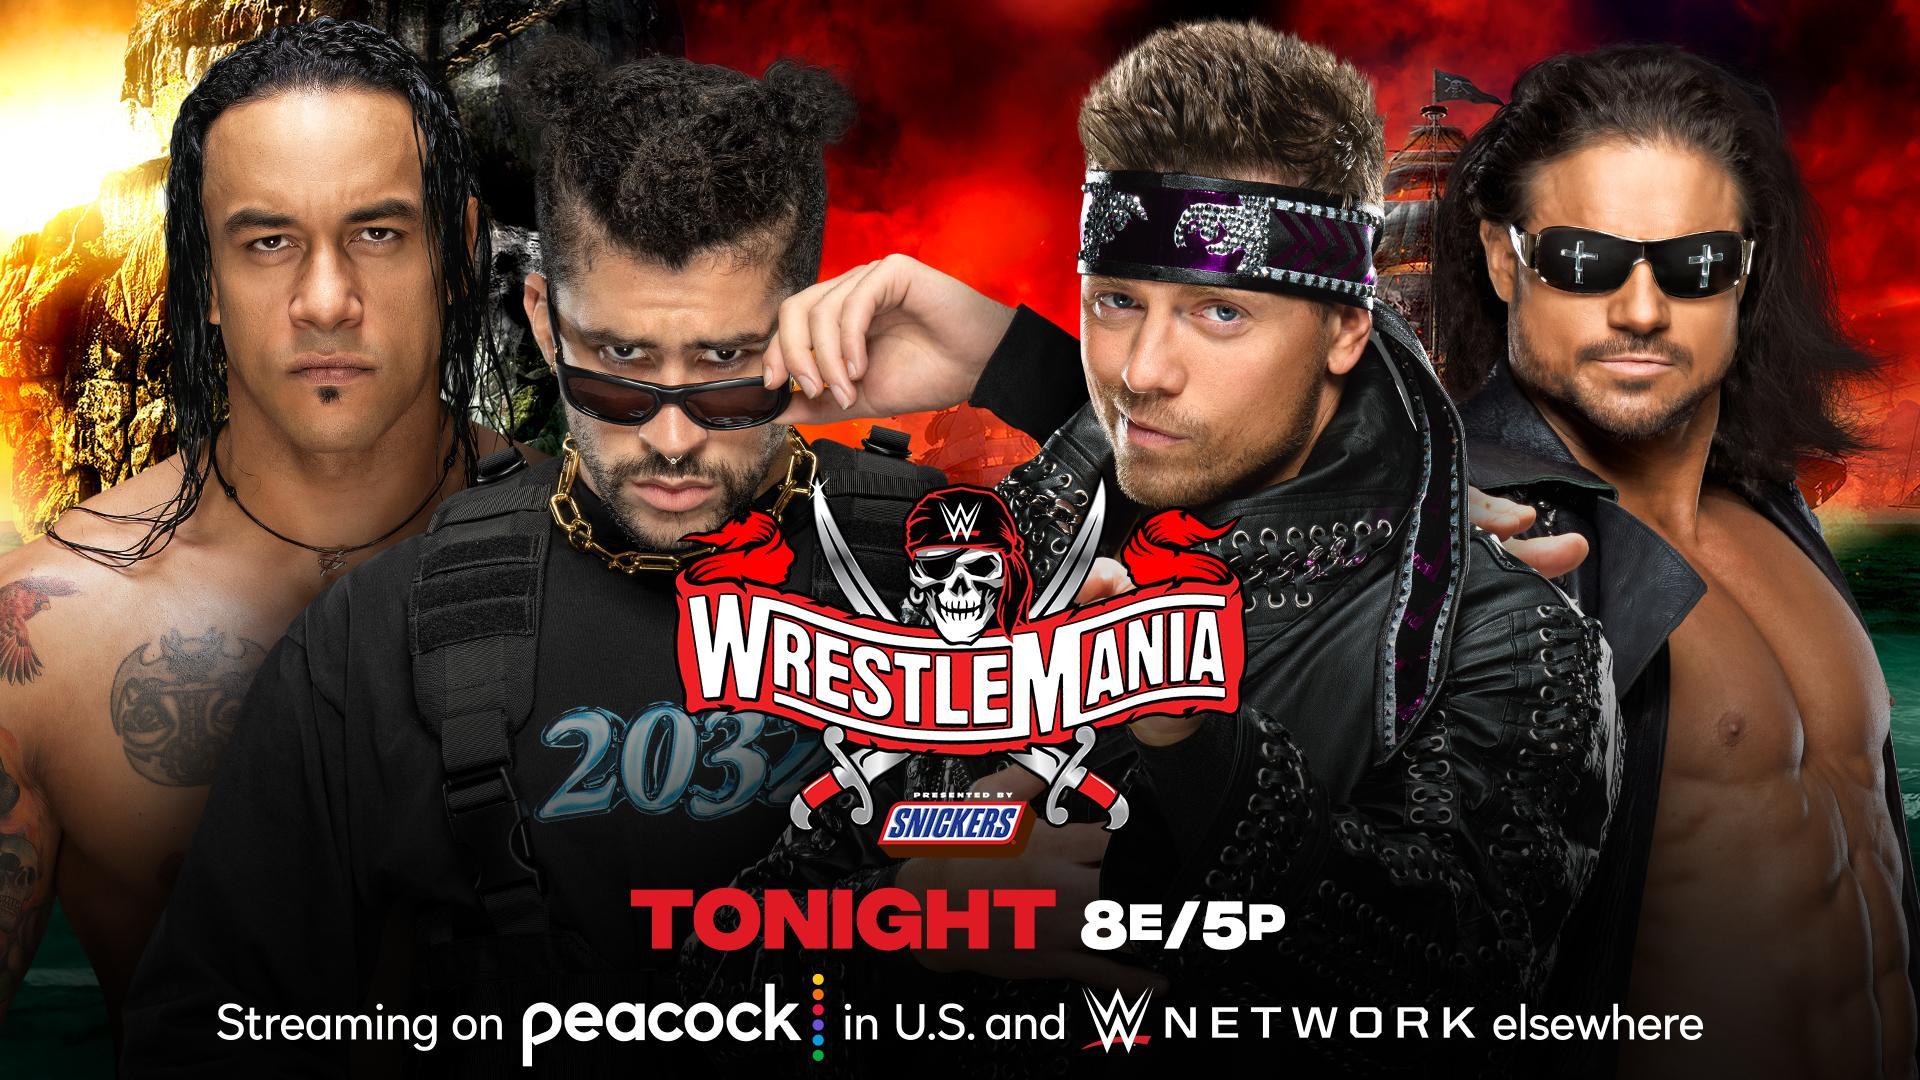 WrestleMania 37. The Miz & John Morrison vs. Bad Bunny & Damien Priest